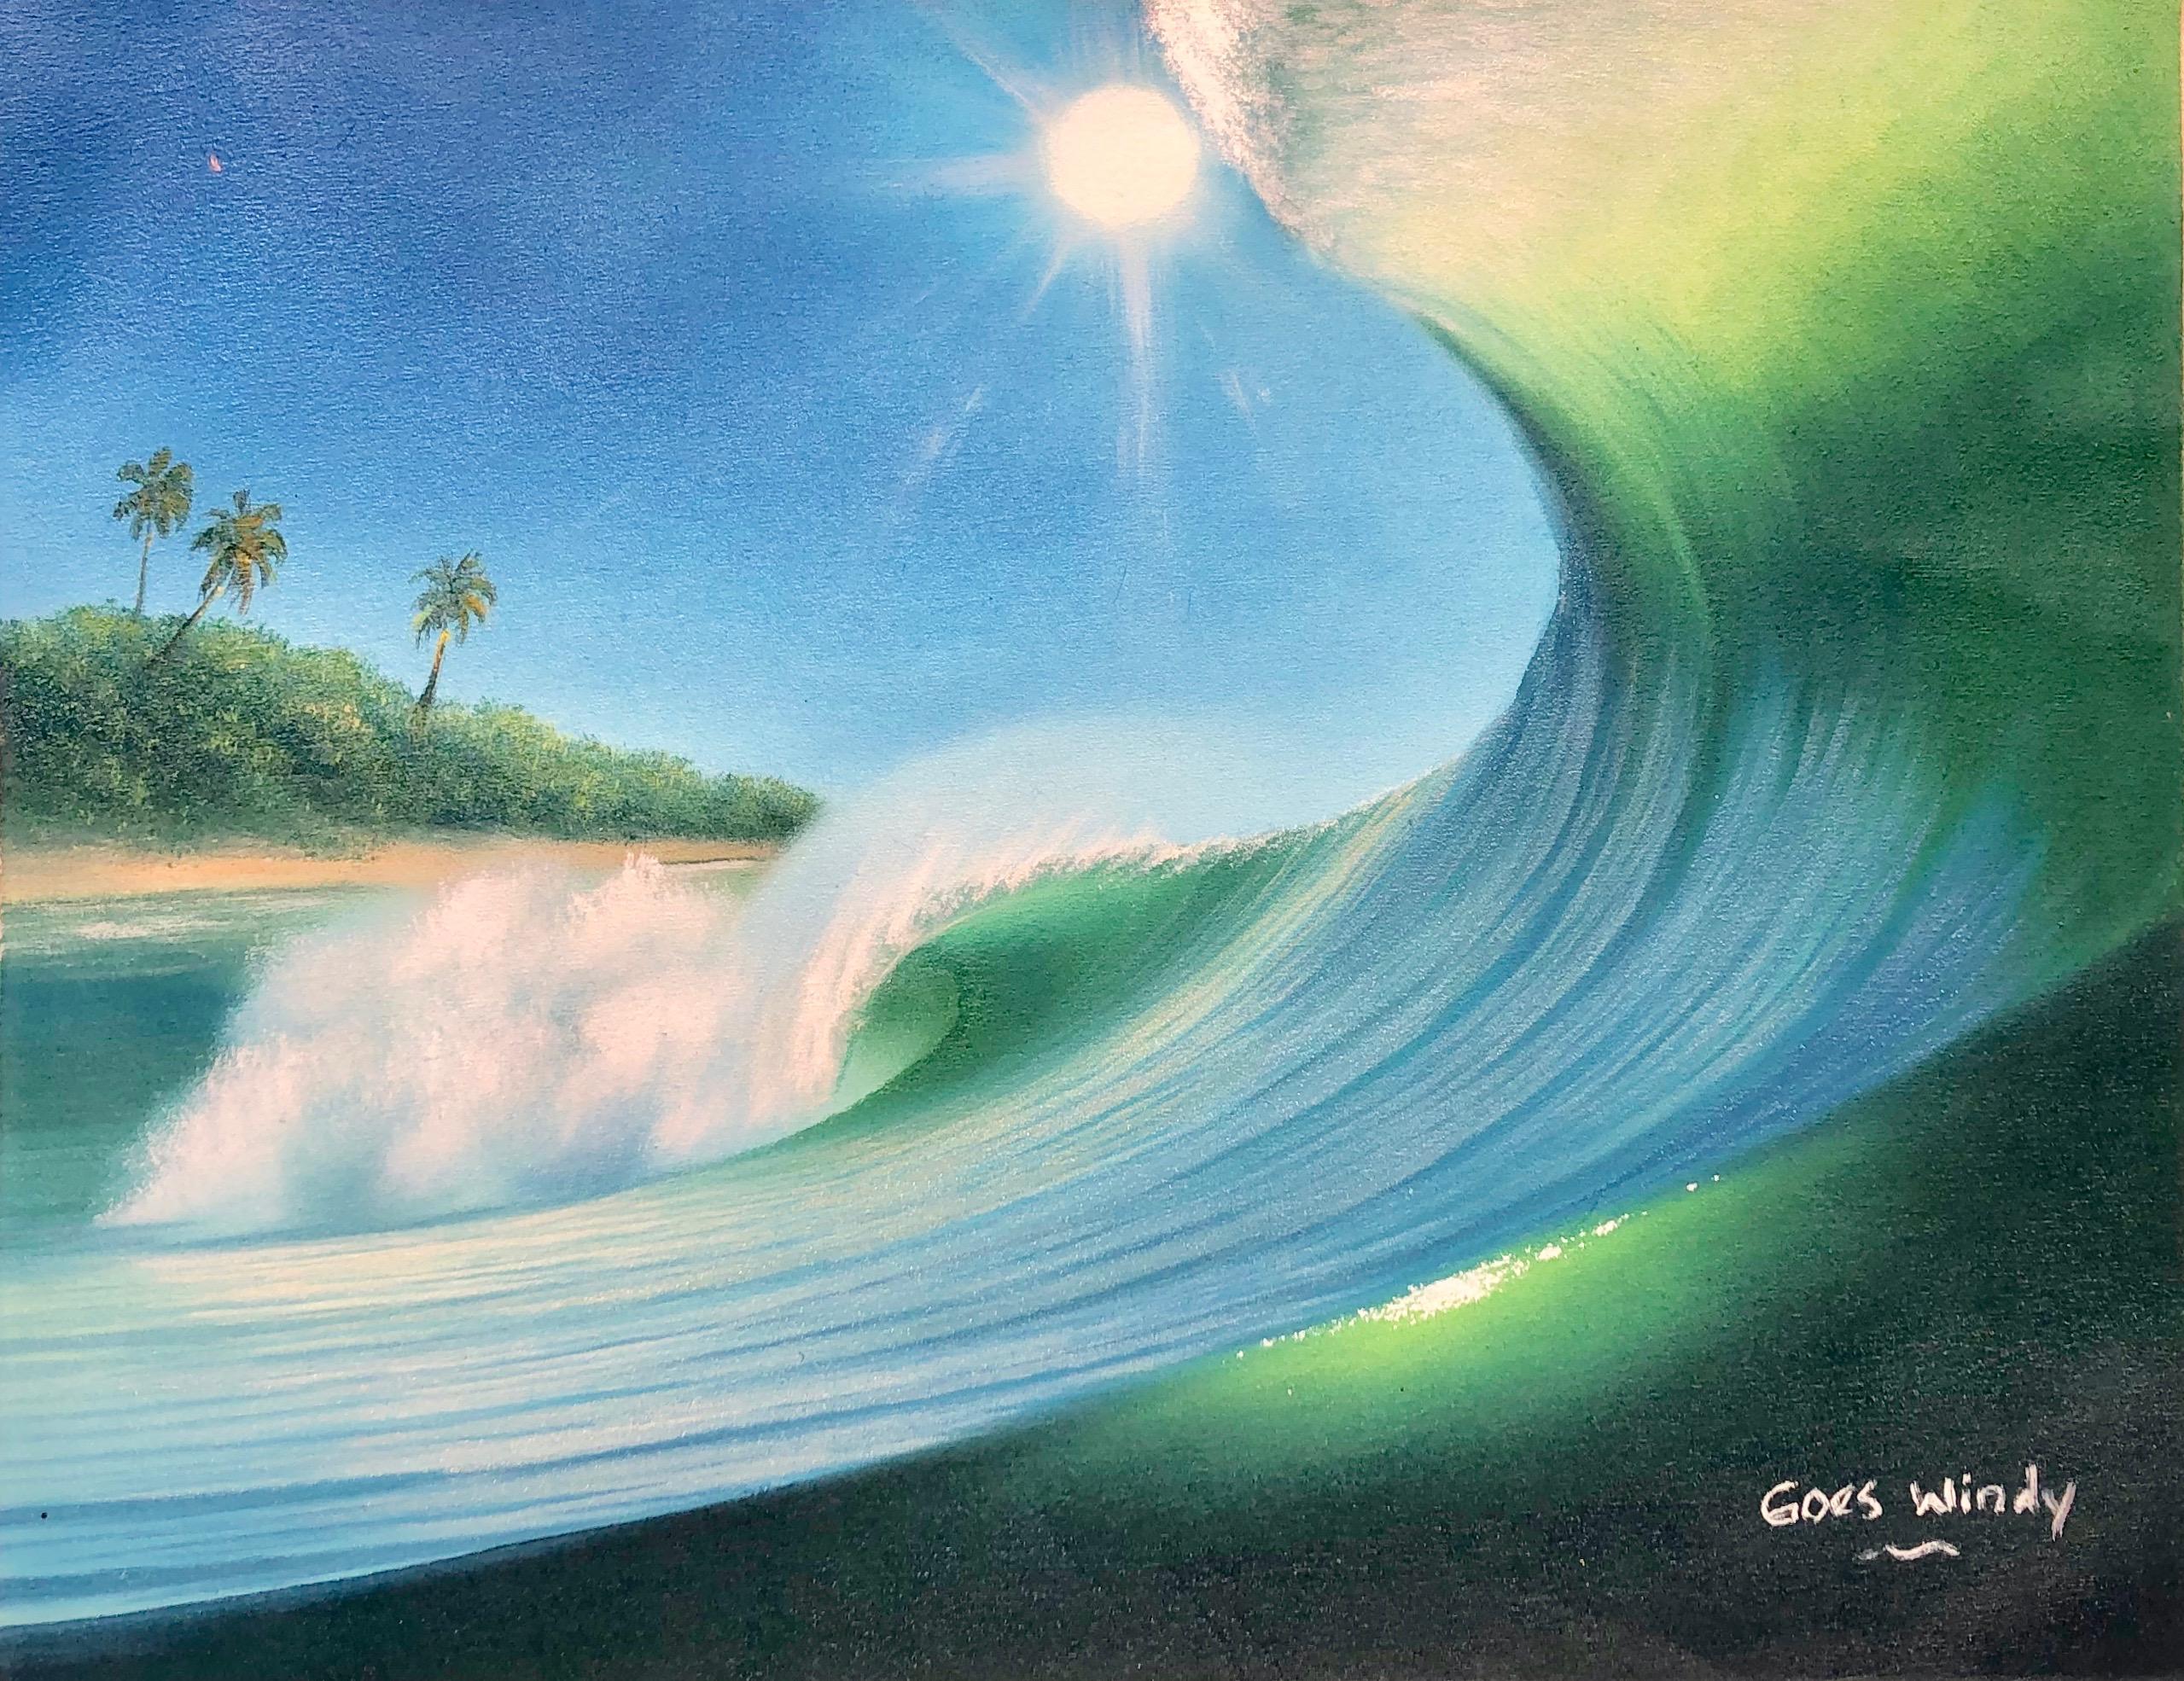 どんな波の絵を購入しようか迷われている方へ。